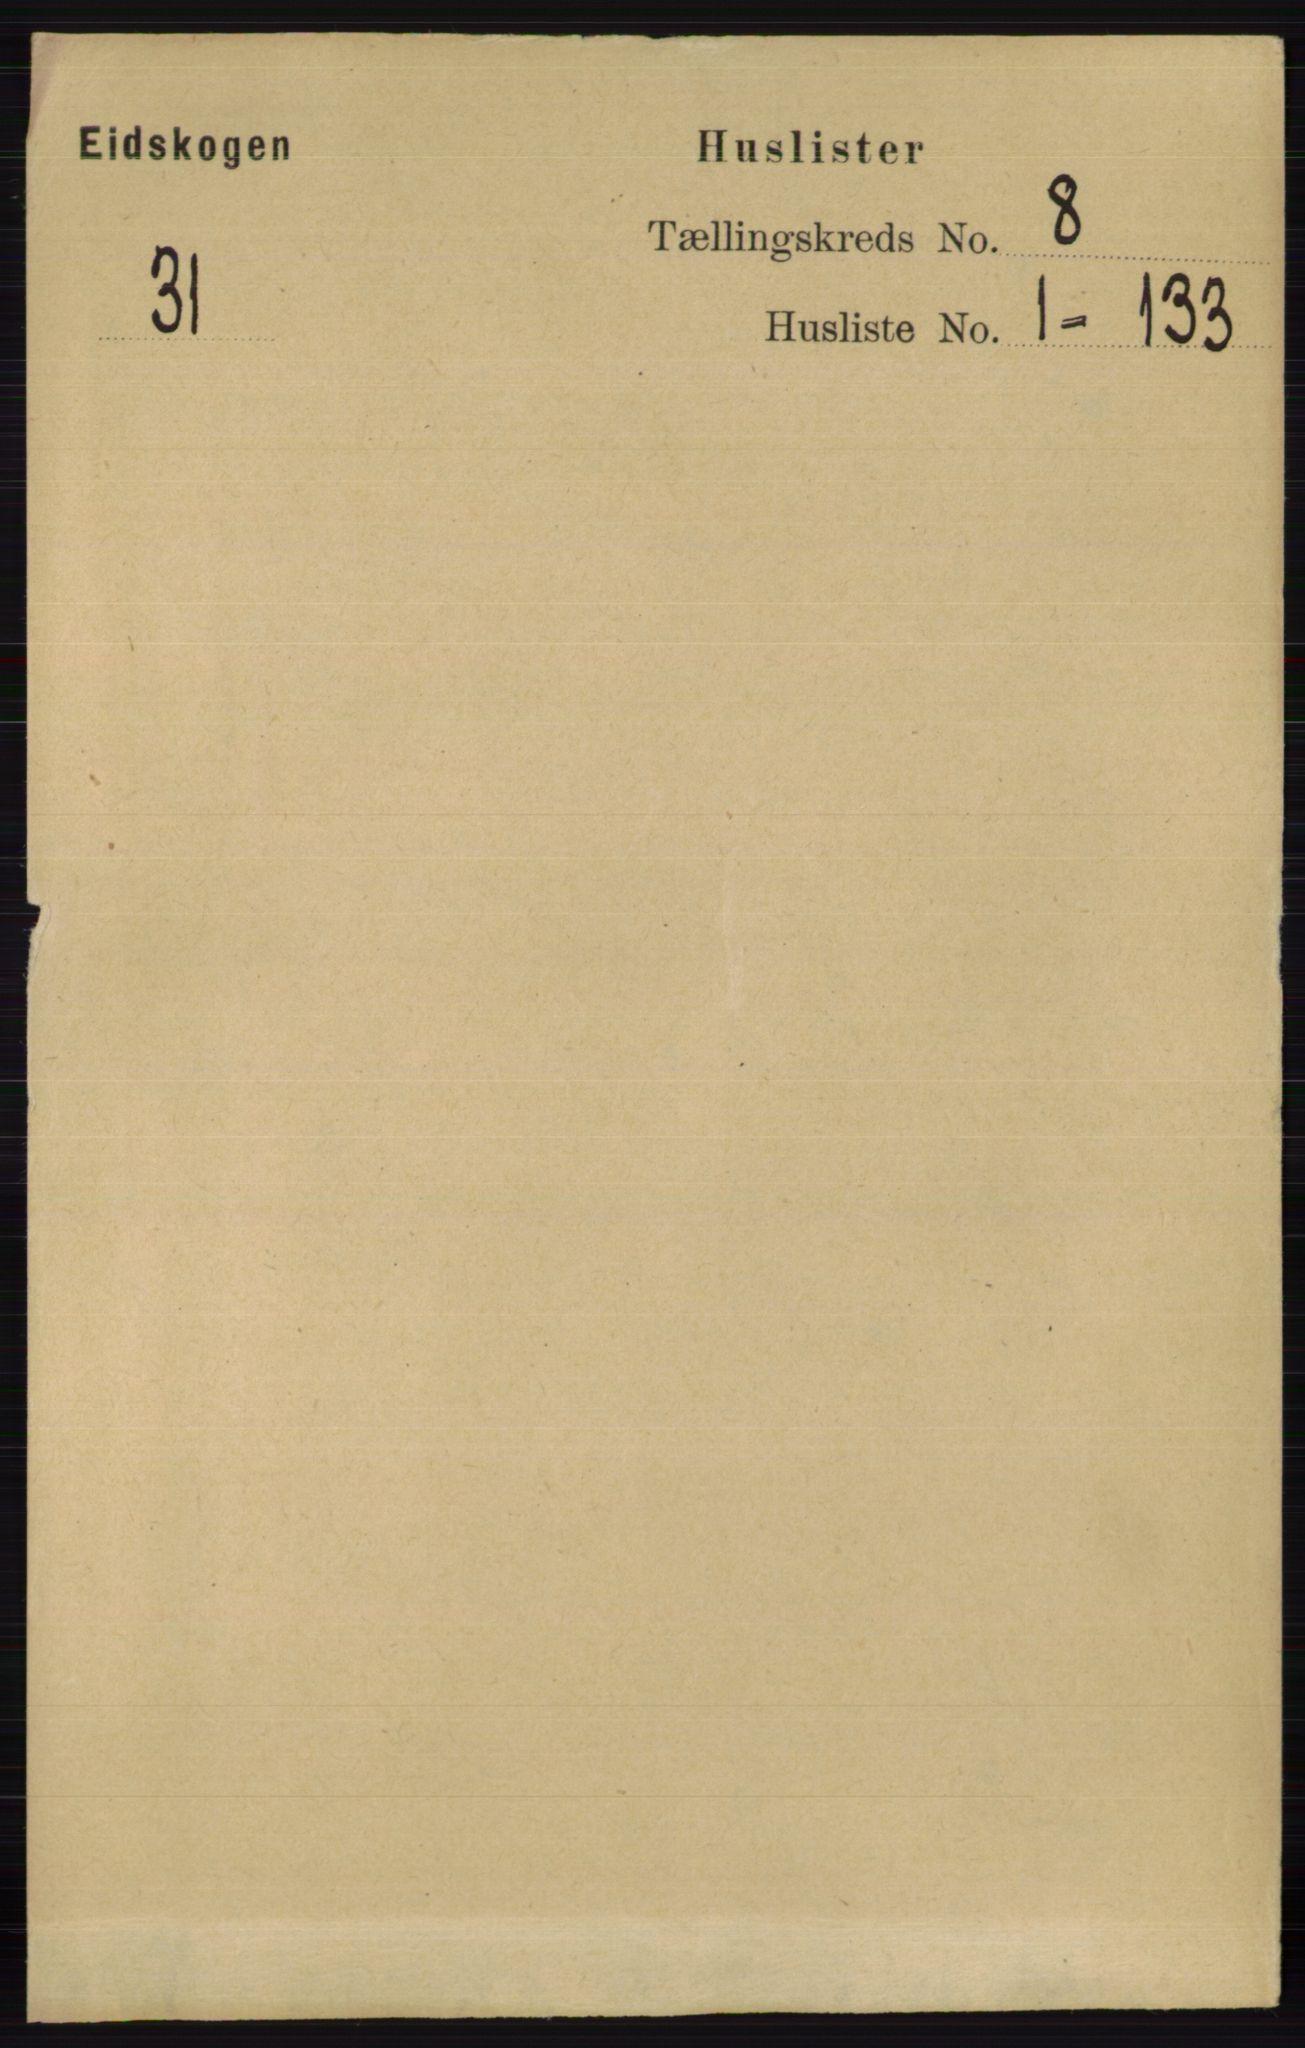 RA, Folketelling 1891 for 0420 Eidskog herred, 1891, s. 4420